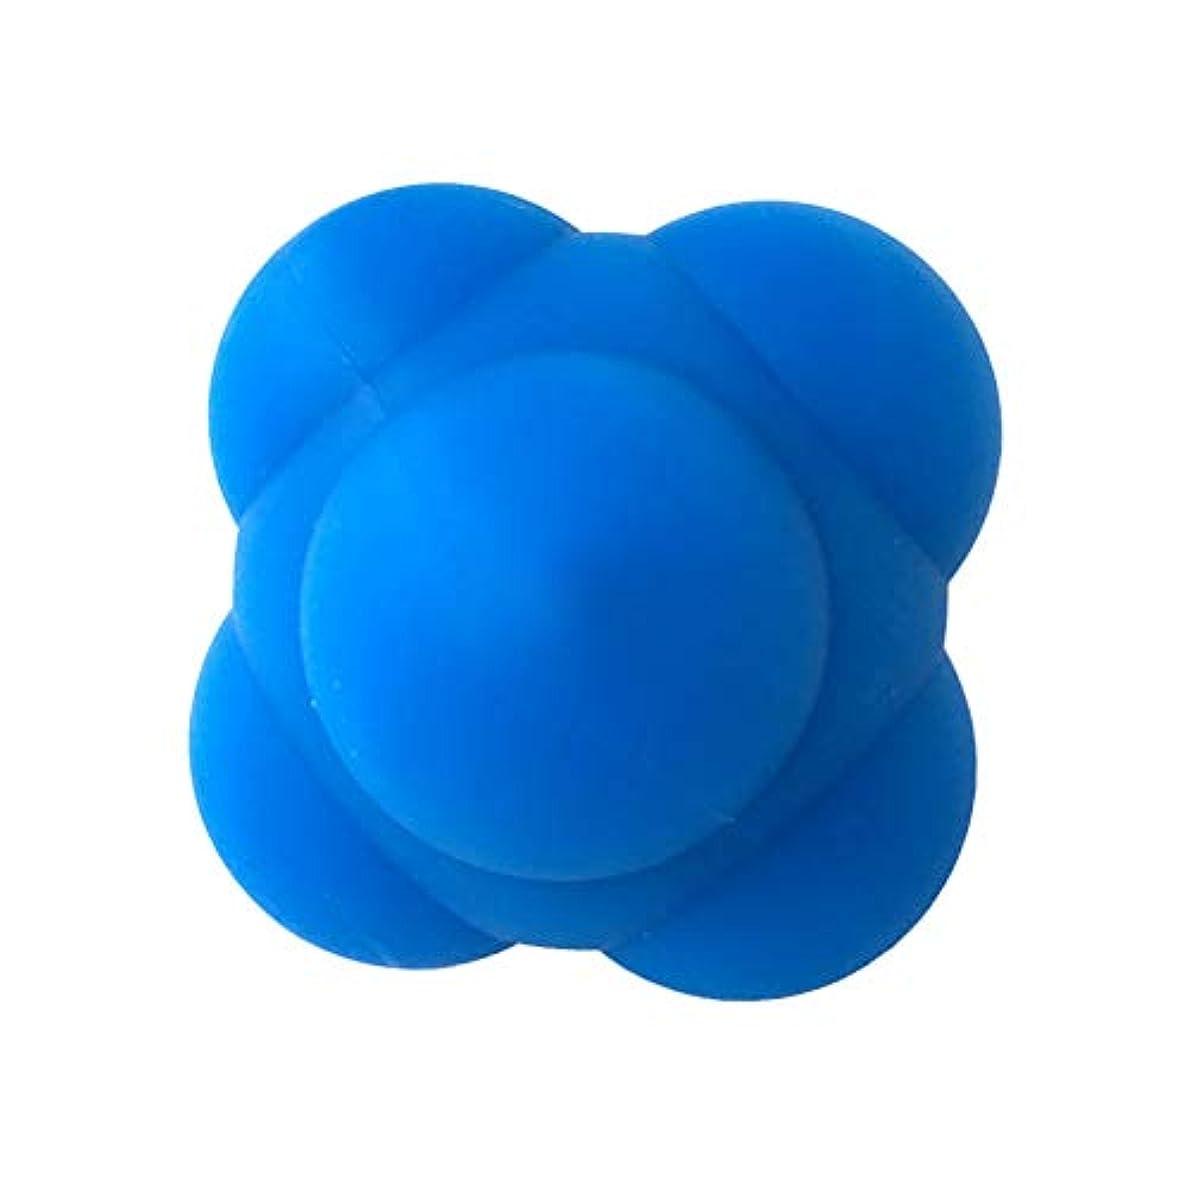 安息どきどきブルームHealifty 敏捷性とスピードのためのリアクションボールハンドアイコーディネーションブルー